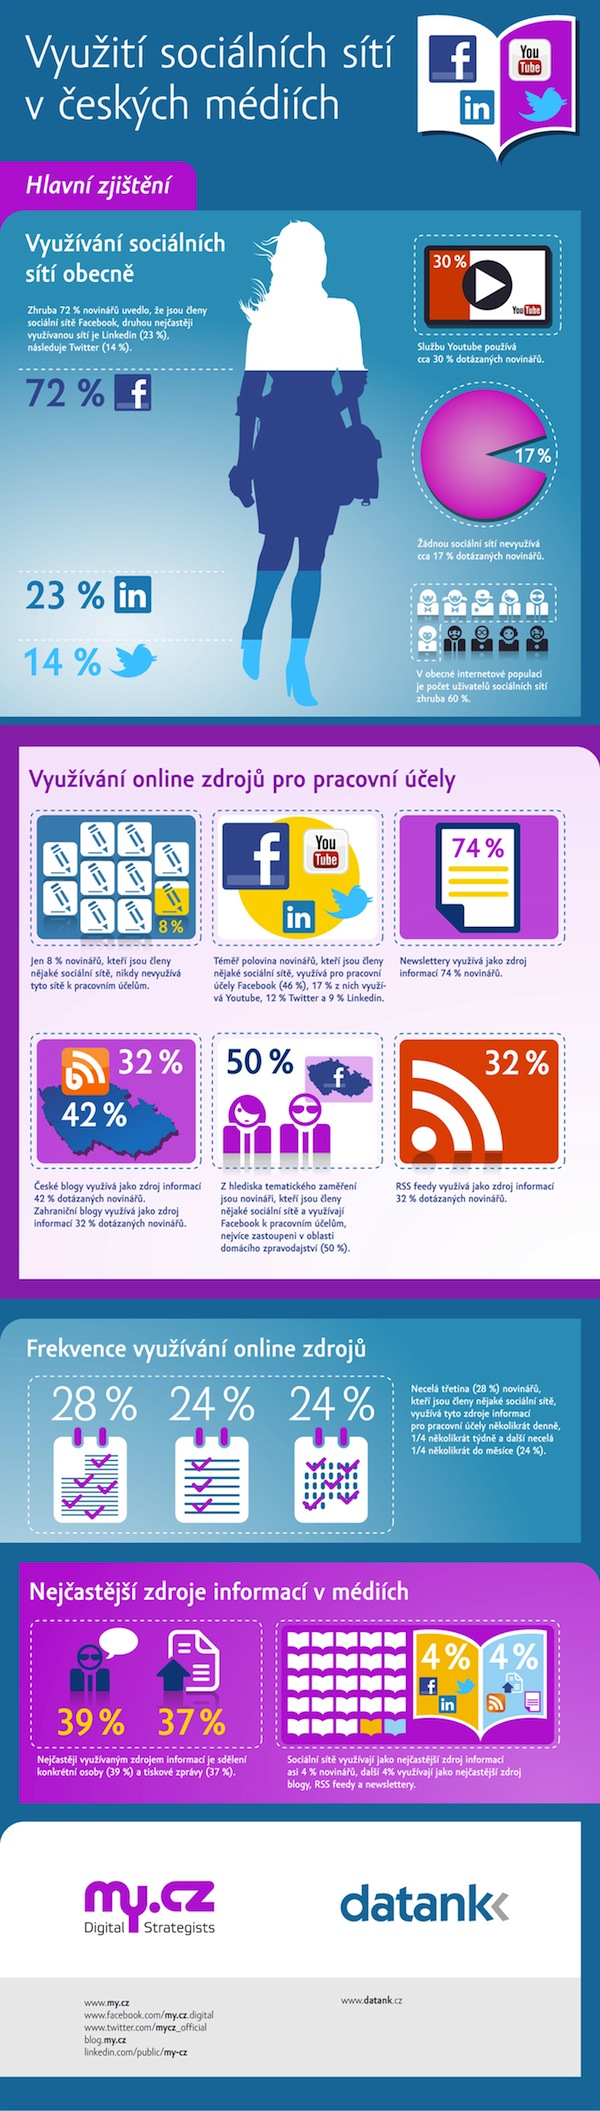 My.cz, Datank: Využívání sociálních médií českými novináři